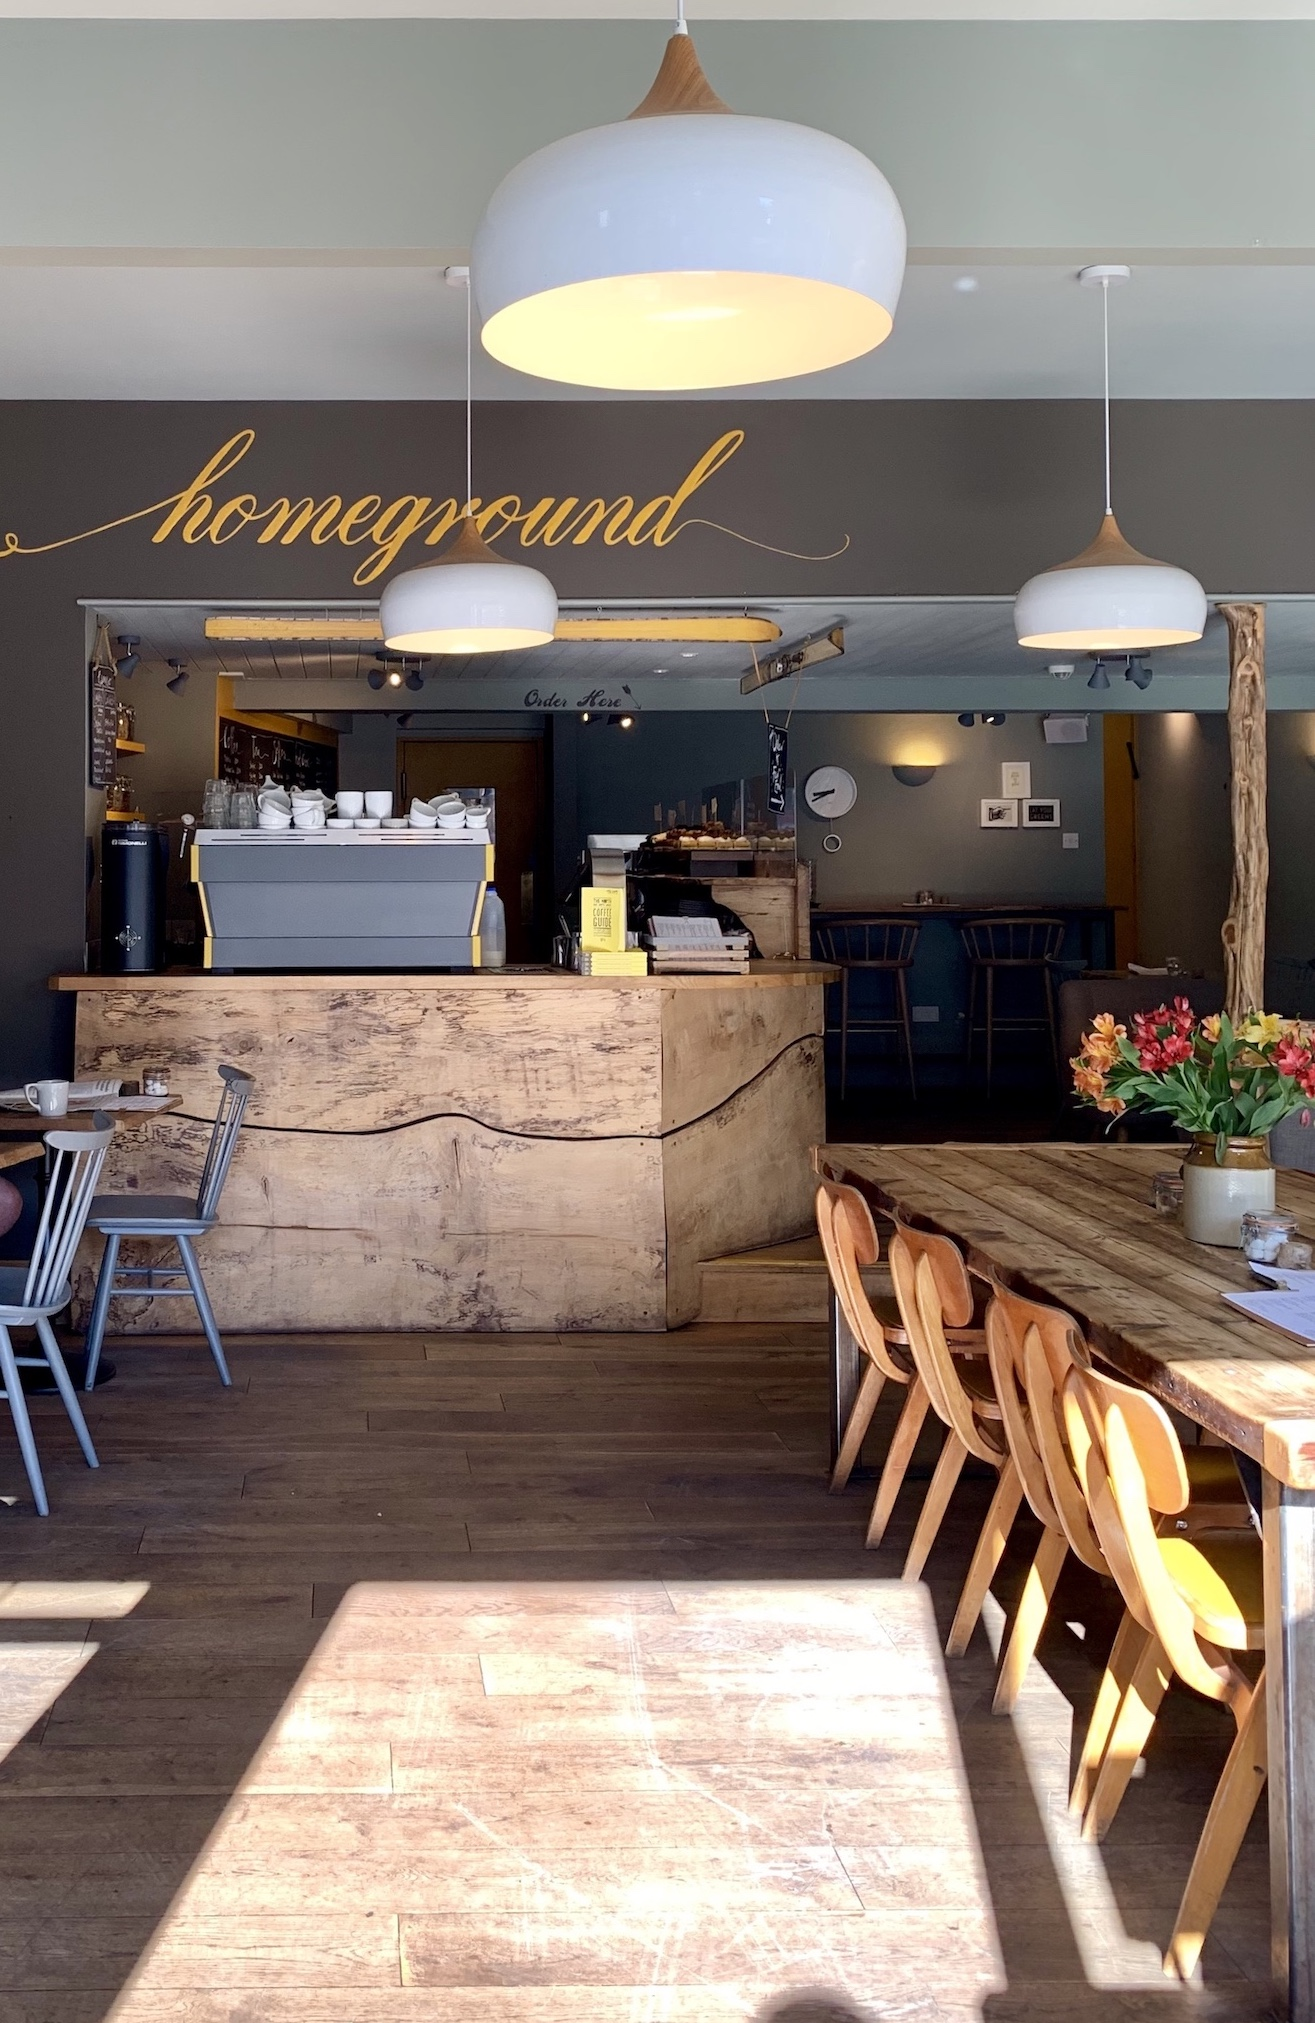 homeground-interior-copy-1 via @carvetiicoffee